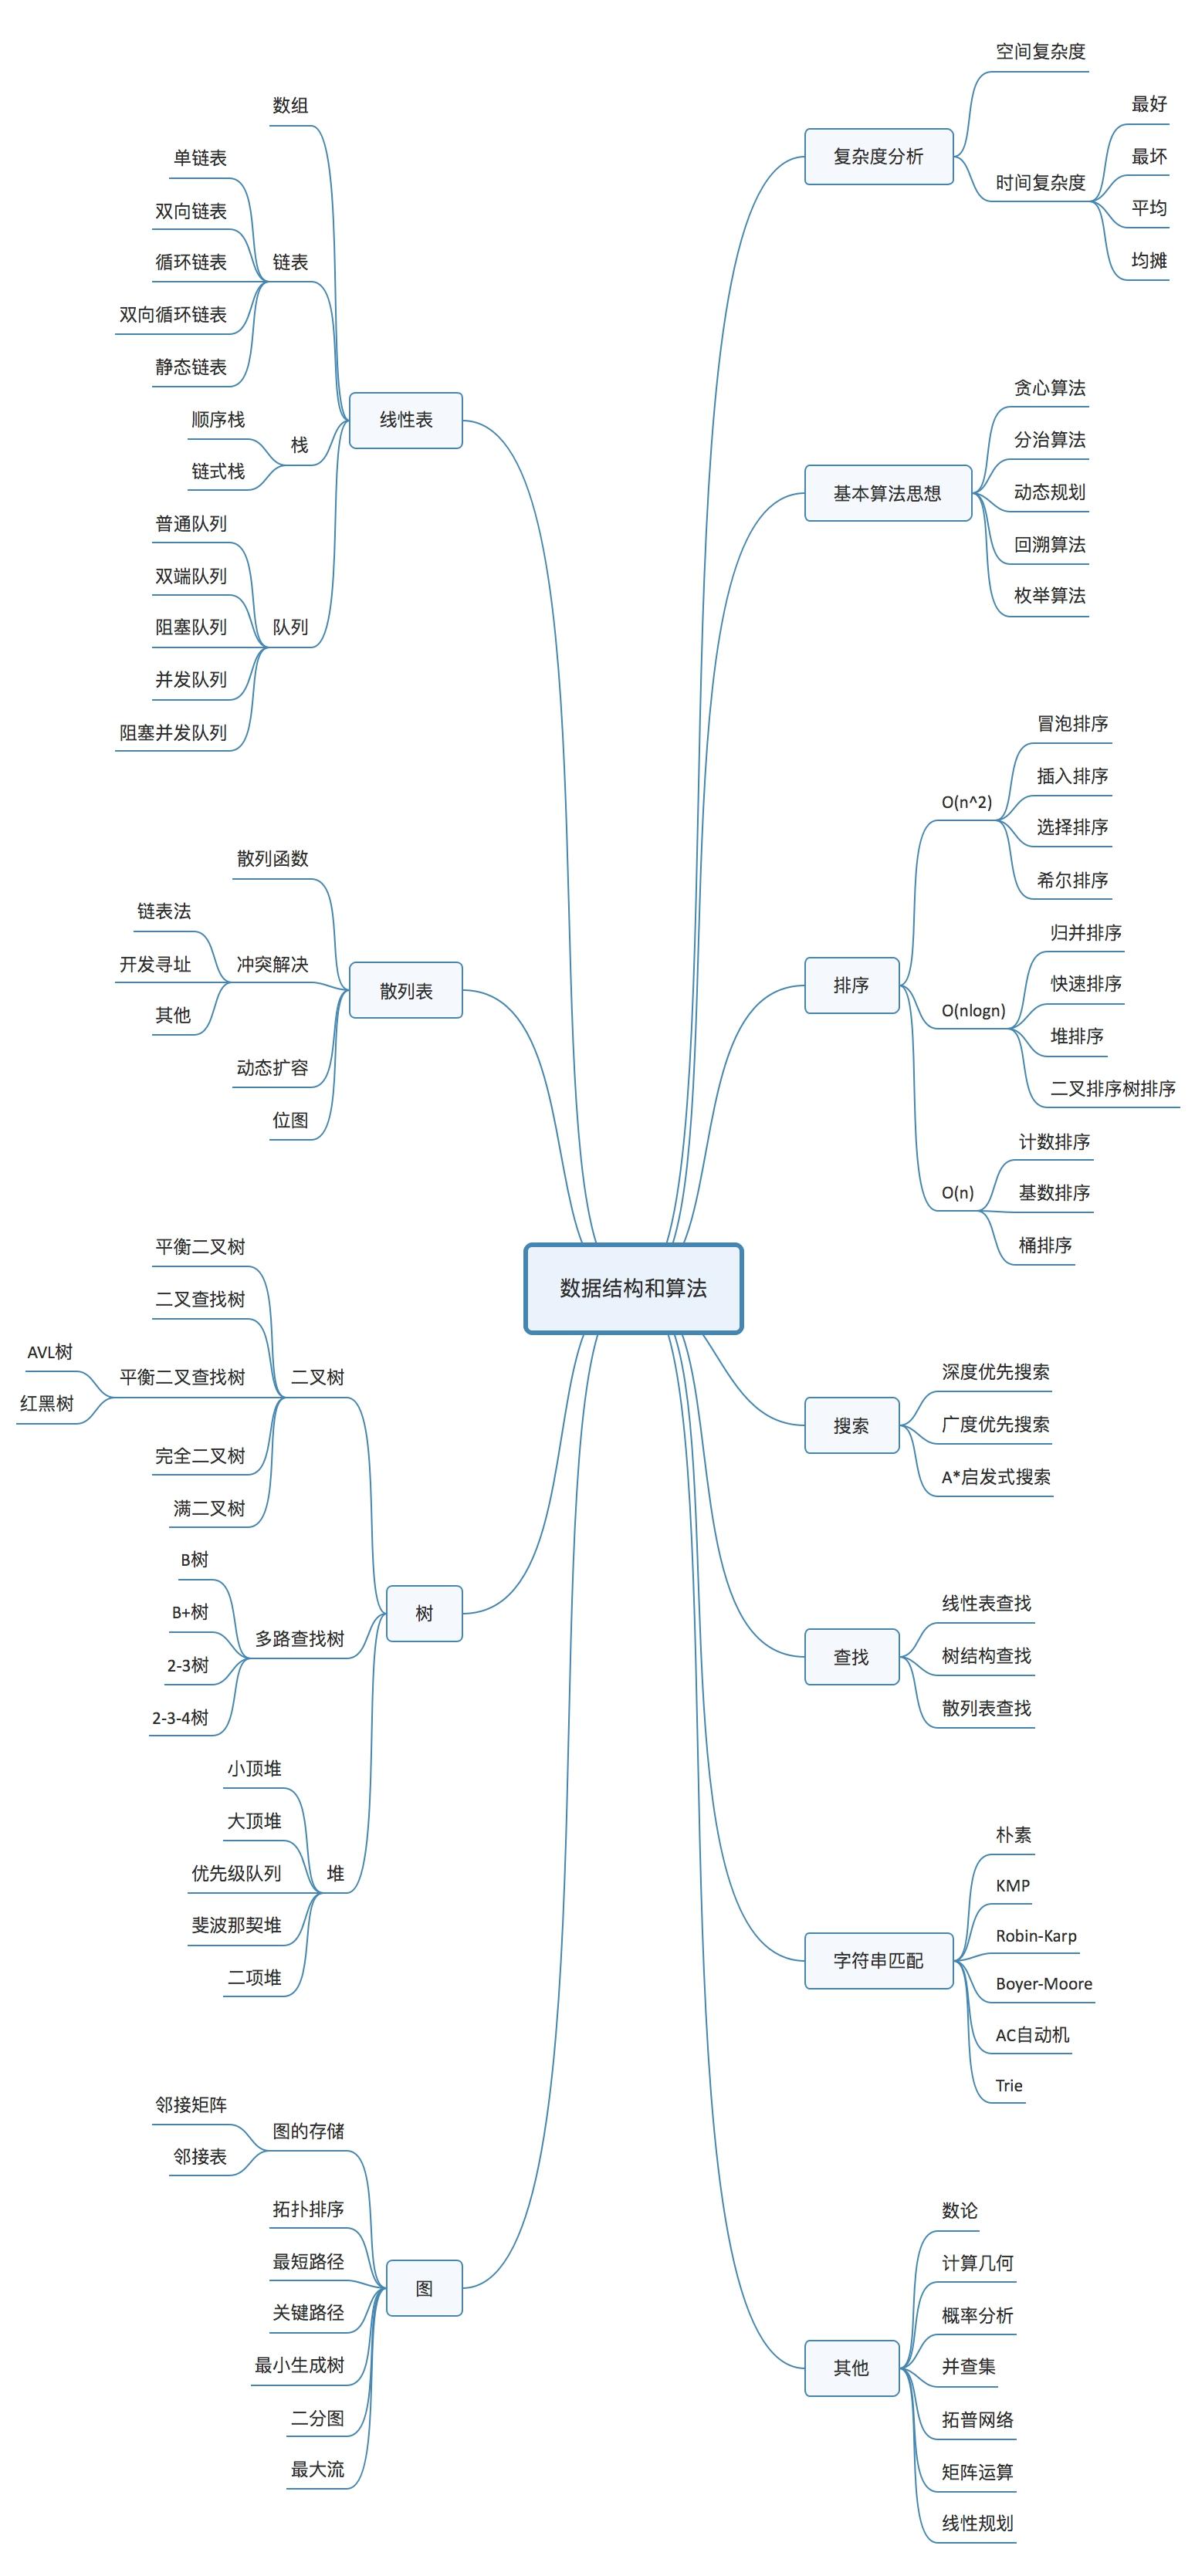 20181002_数据结构与算法-王争.PNG